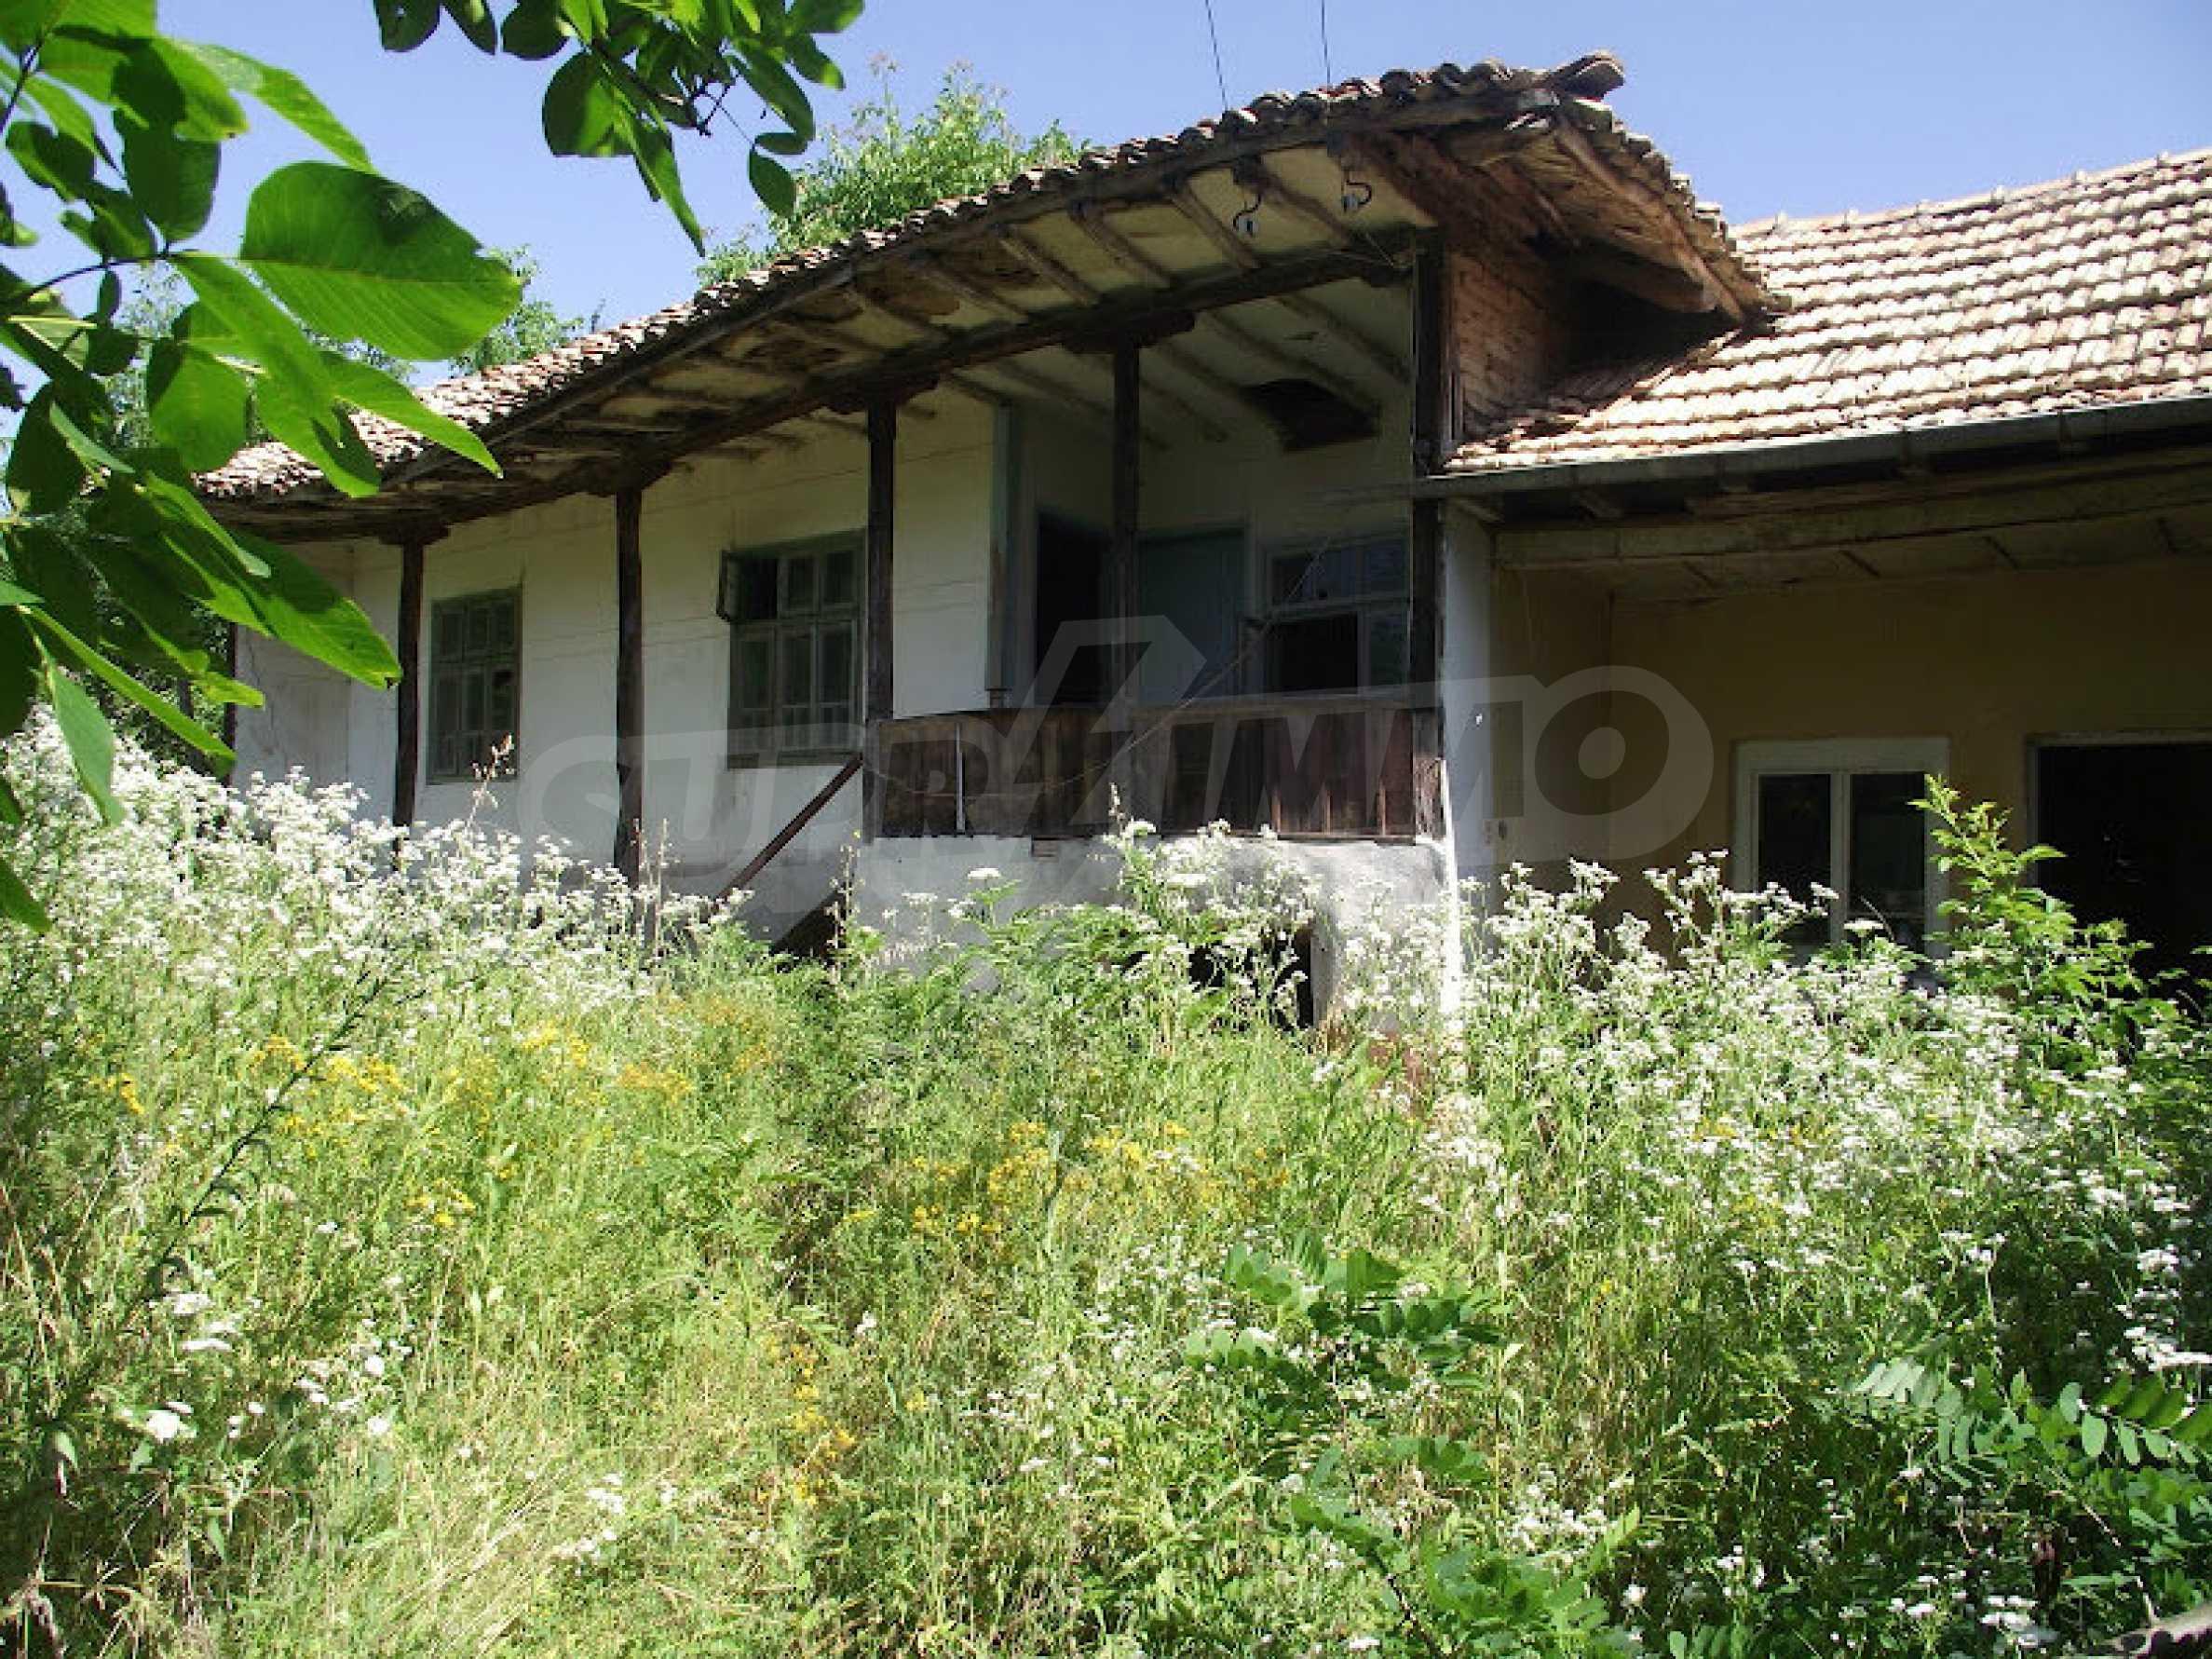 Zwei Immobilien in einem Dorf in der Nähe von Popovo 1